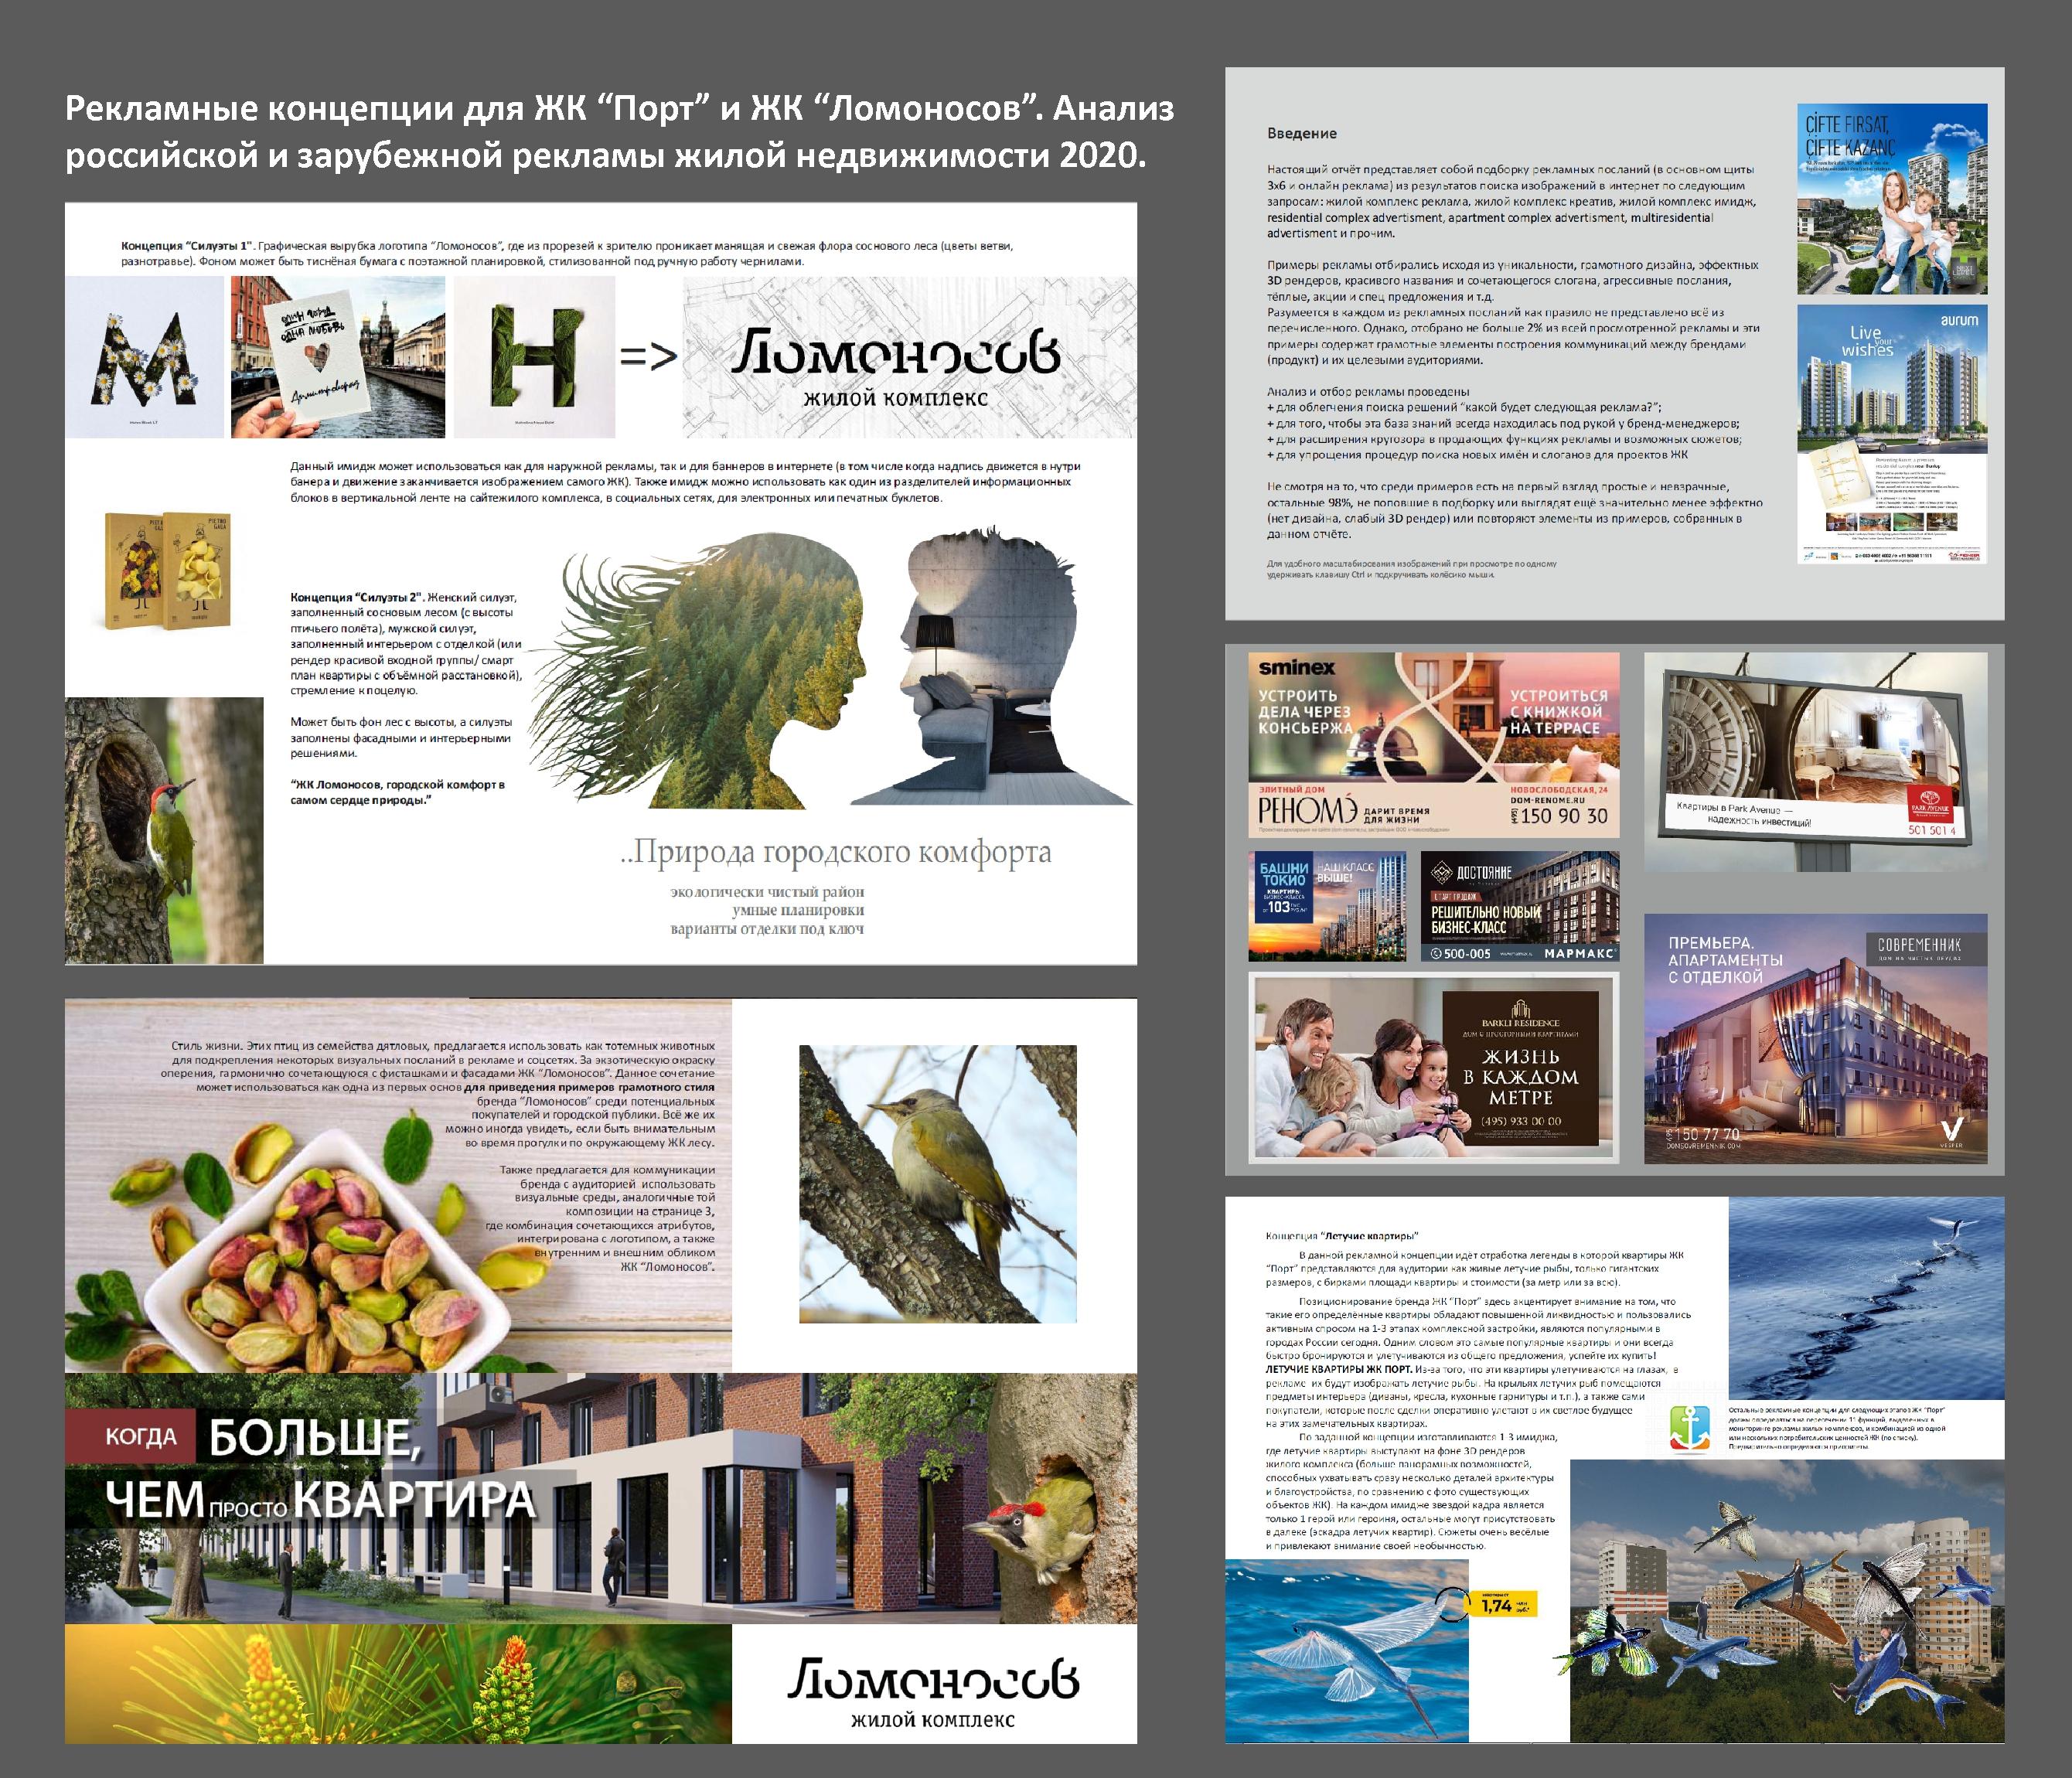 Анализ рекламы жилых комплексов 2020. Разработка концепций для рекламы жилых комплексов в г. Димитровград.